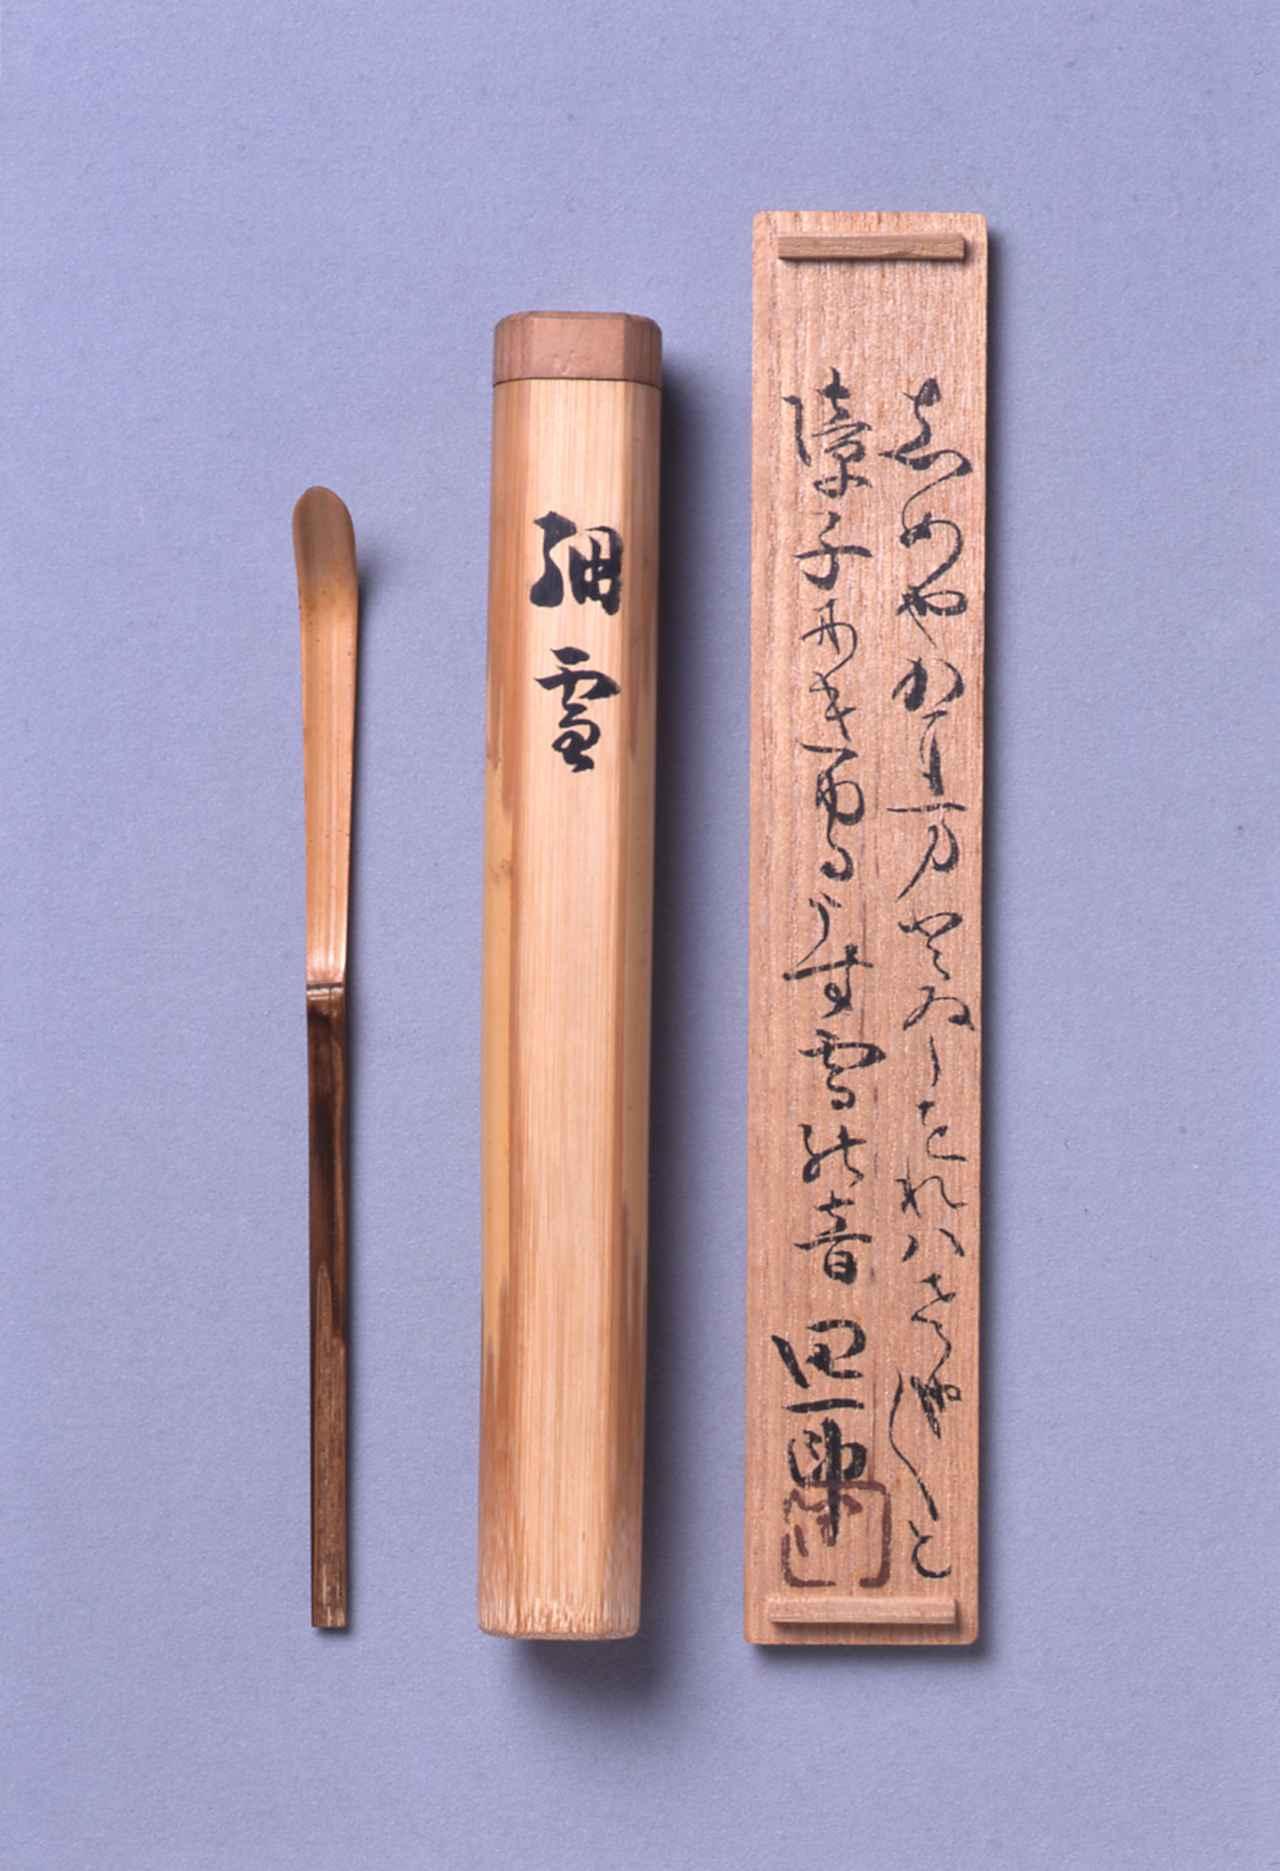 画像: 谷崎潤一郎作 茶杓 銘「細雪」 逸翁美術館蔵 展示:全期間